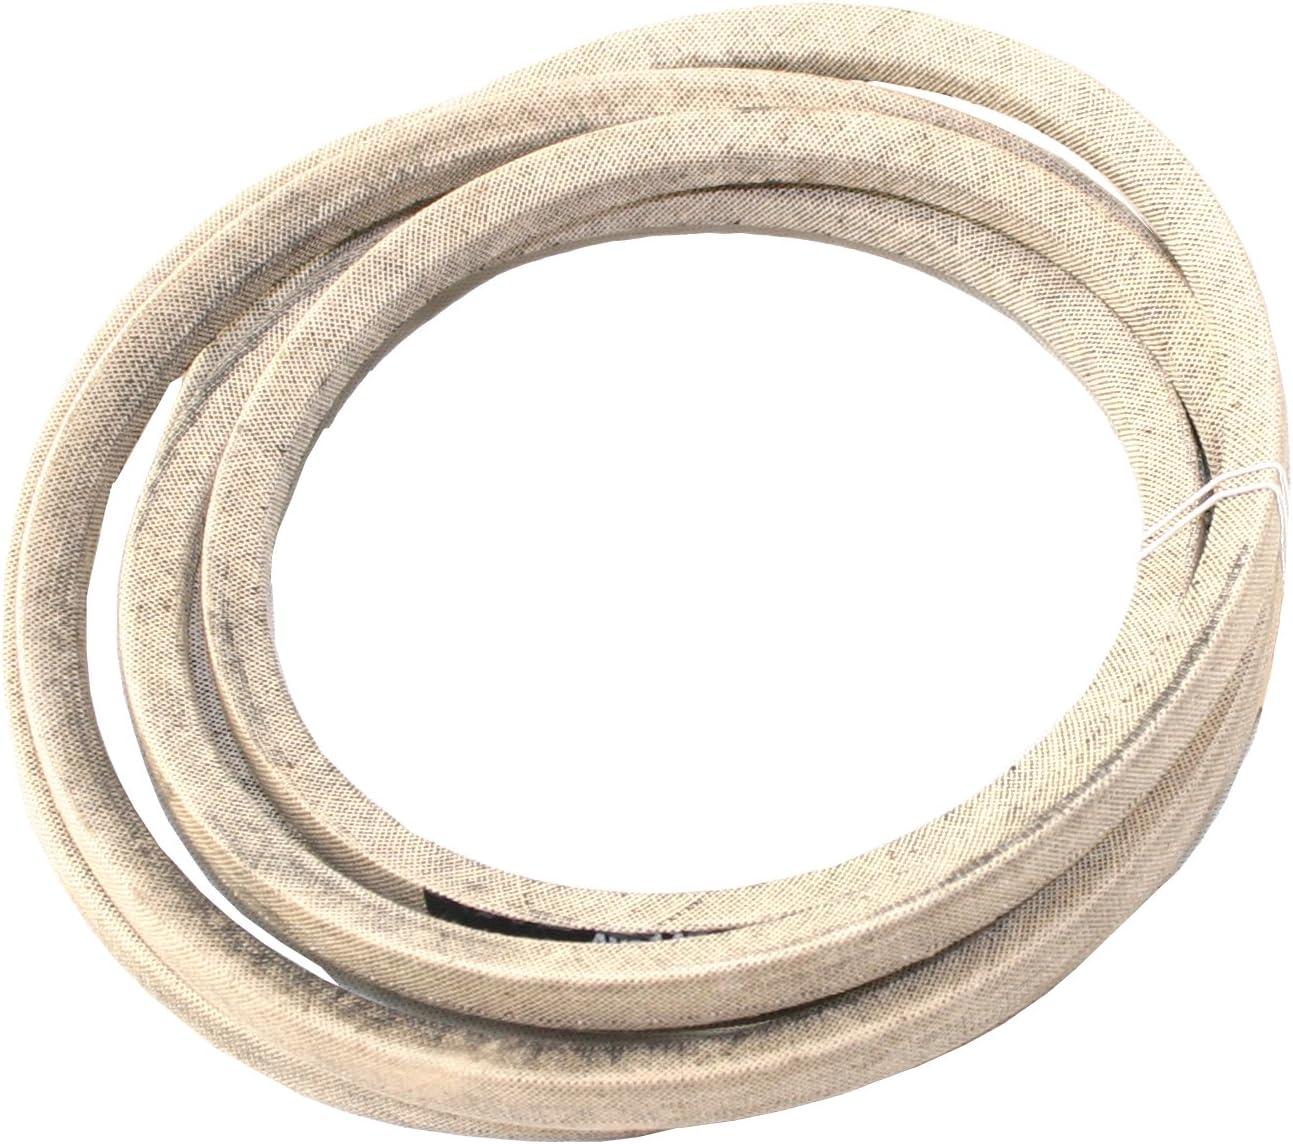 Husqvarna 584453101 Replacement V Belt For Husqvarna/Poulan/Roper/Craftsman/Weed Eater